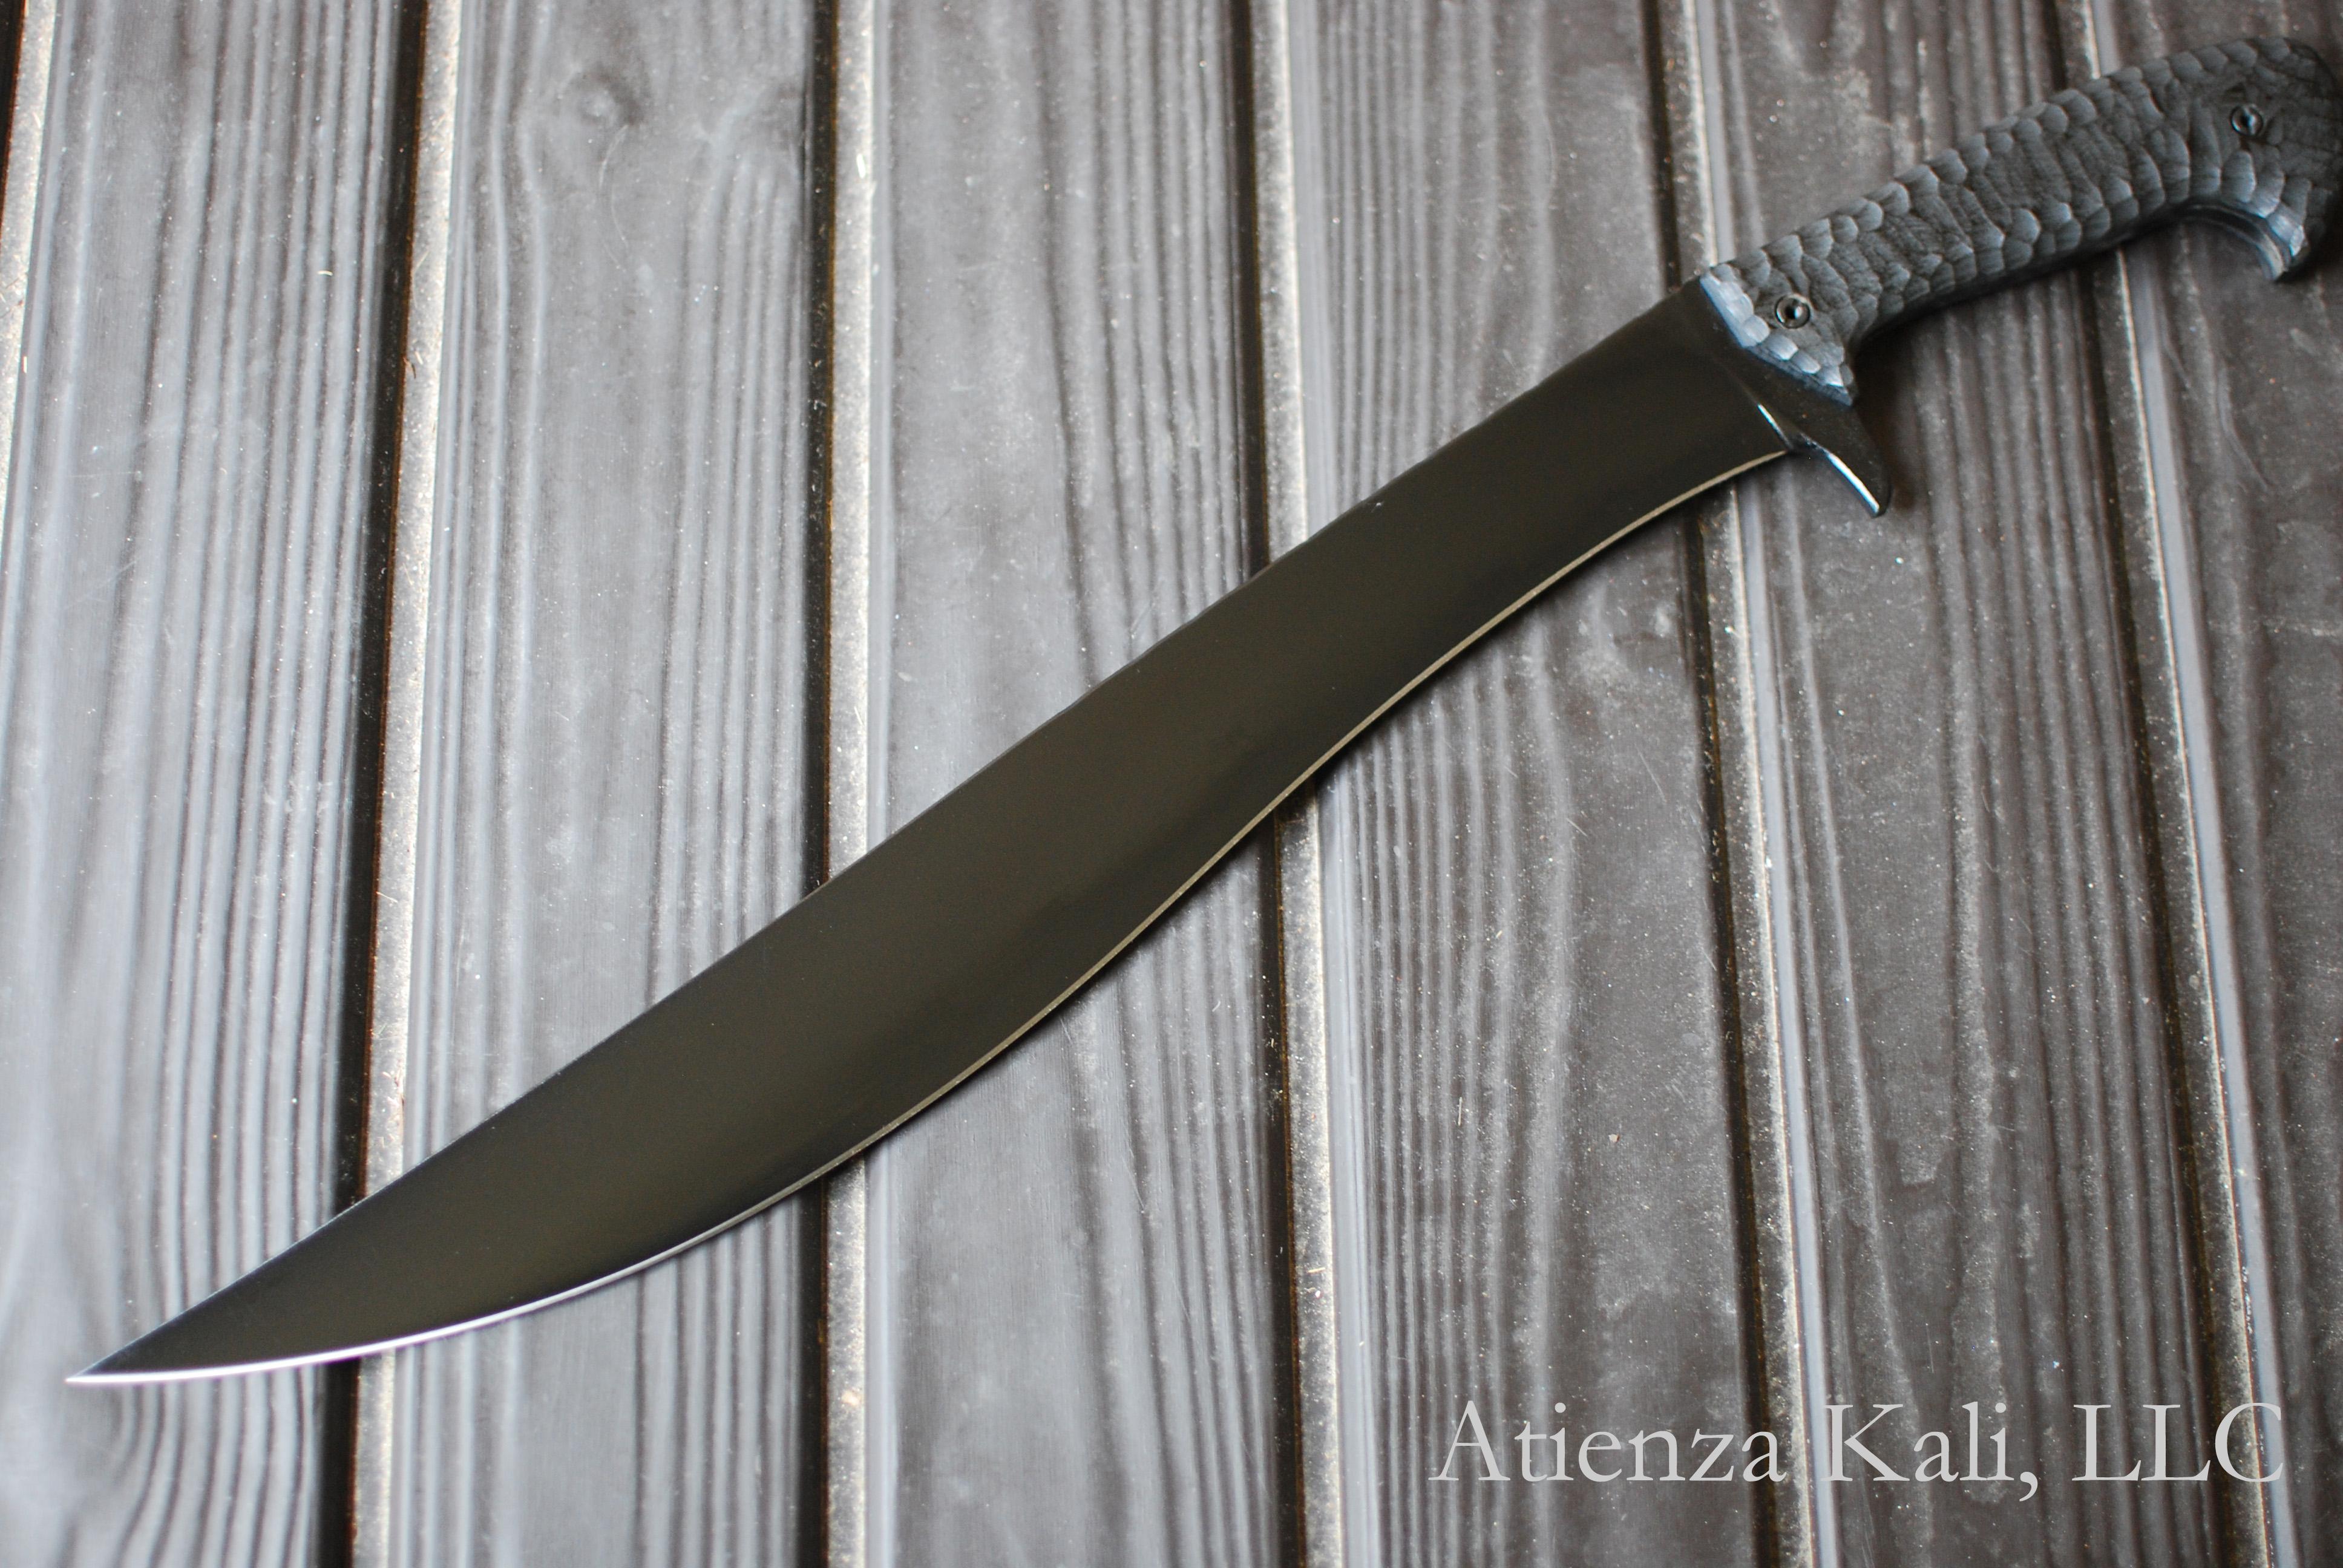 Atienza Apocalypse Live Blade.